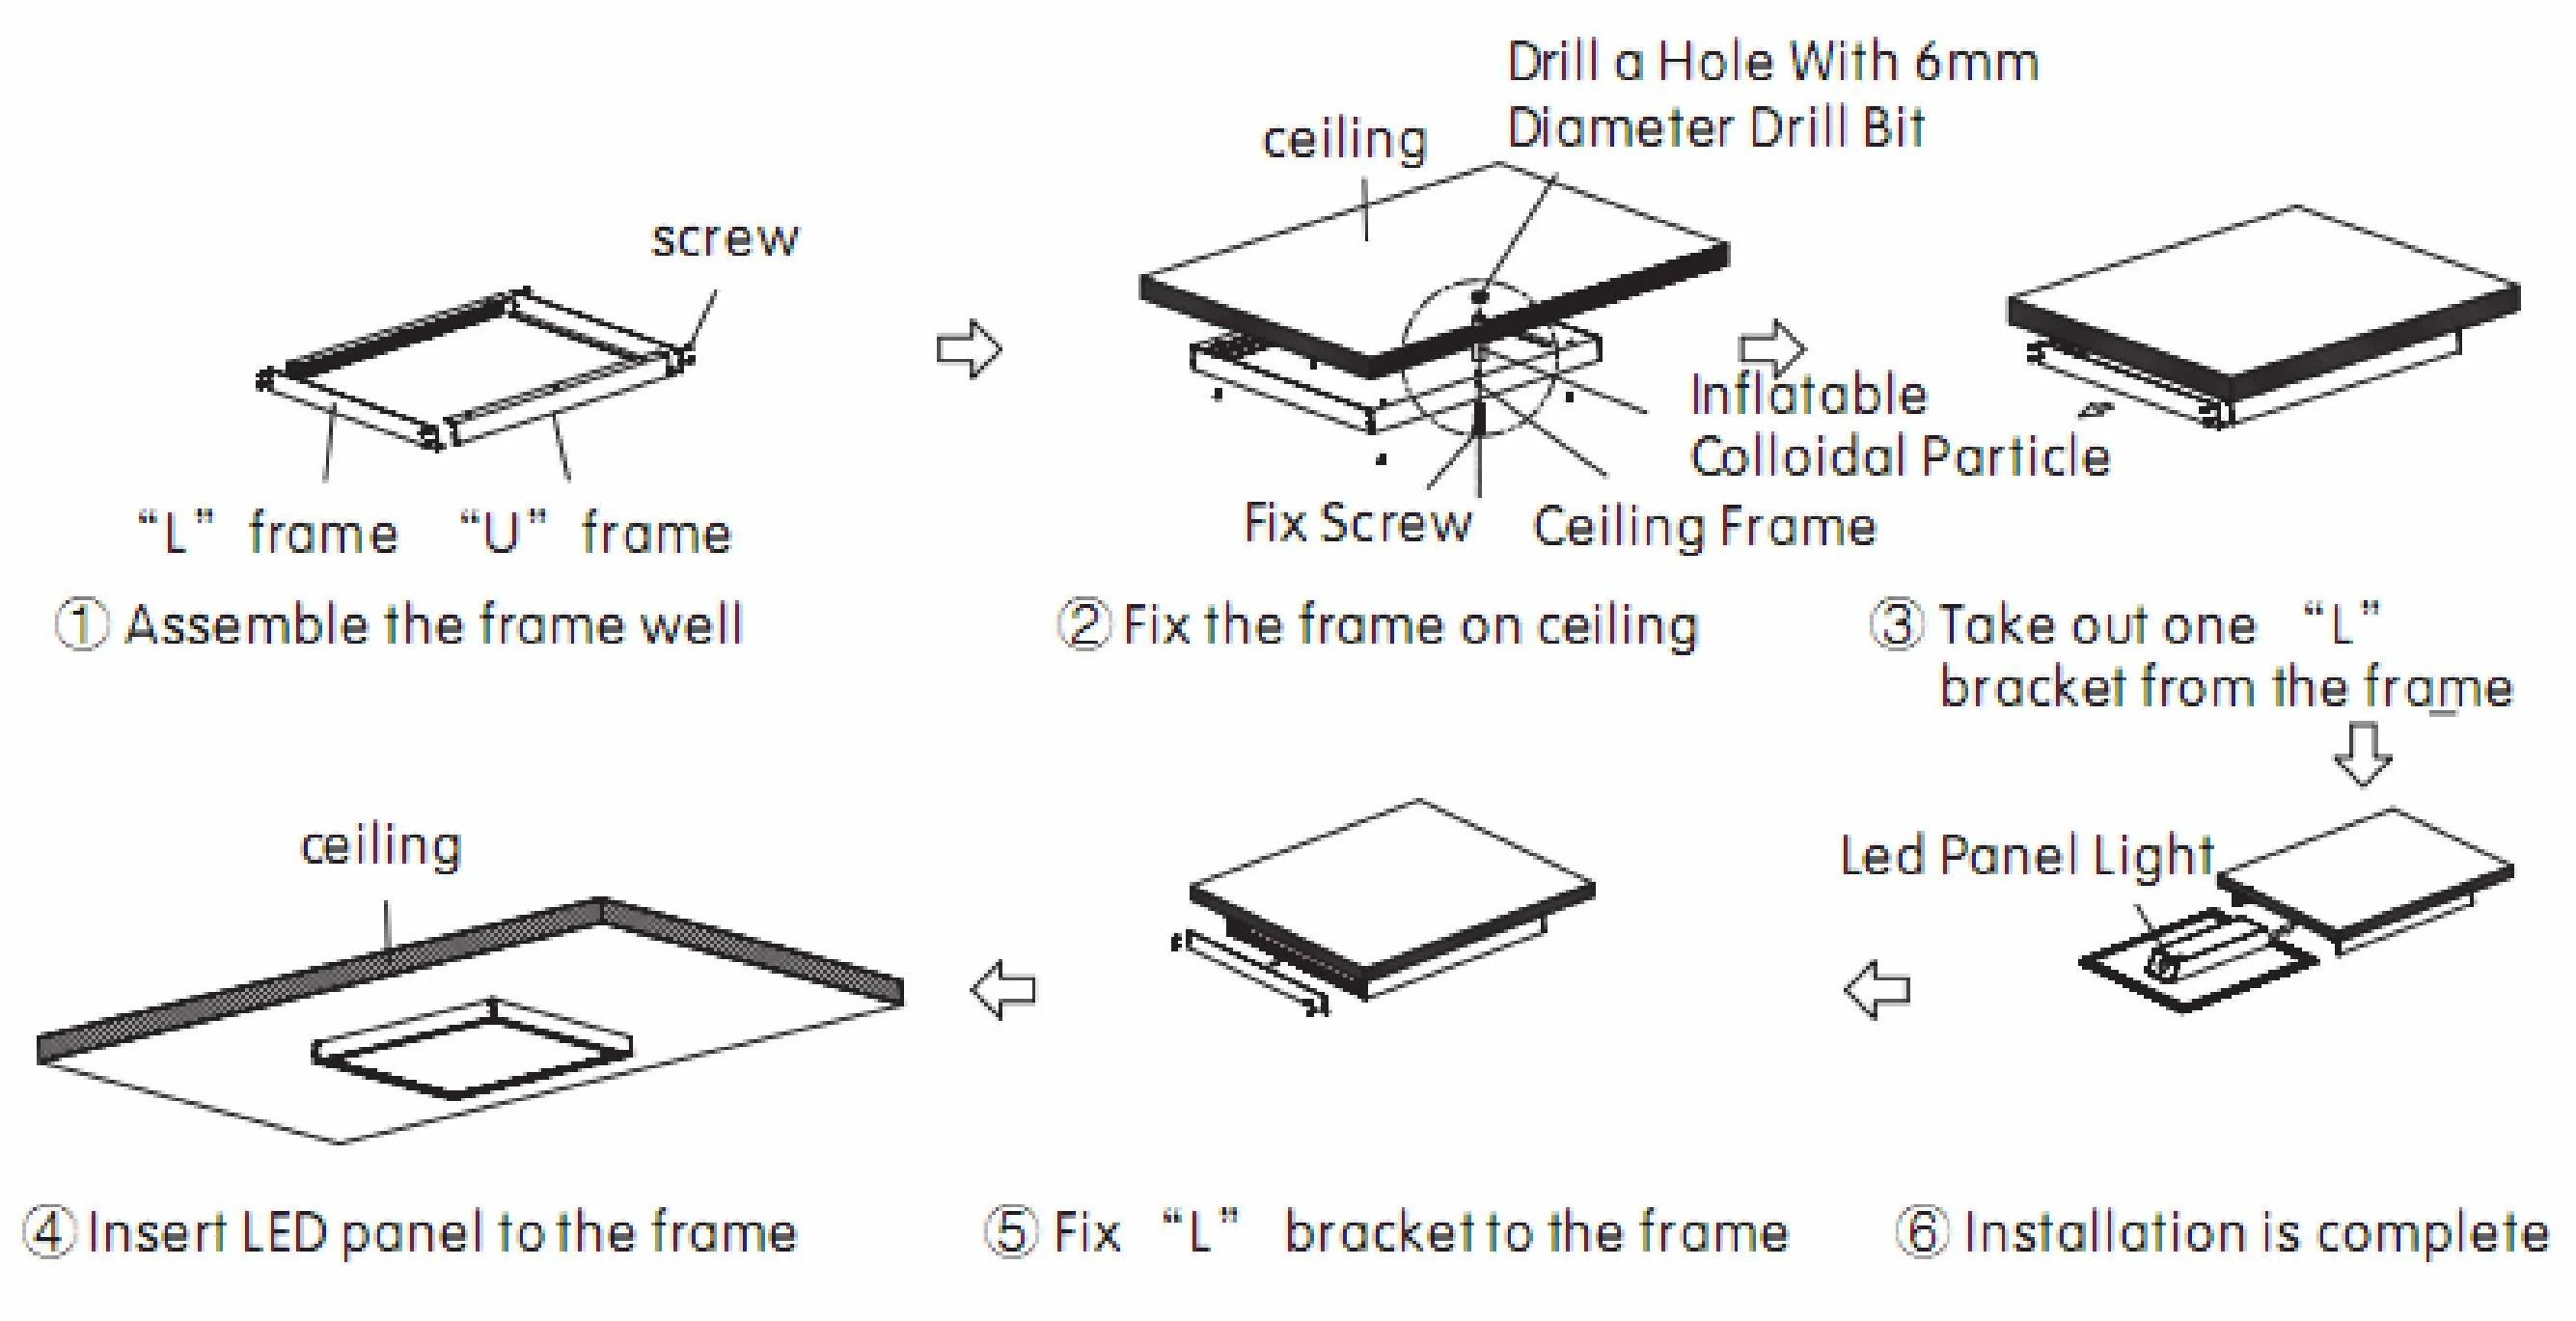 led panel light wiring diagram wiring diagram led panel light diagram led panel diagram wiring diagramled [ 2670 x 1369 Pixel ]